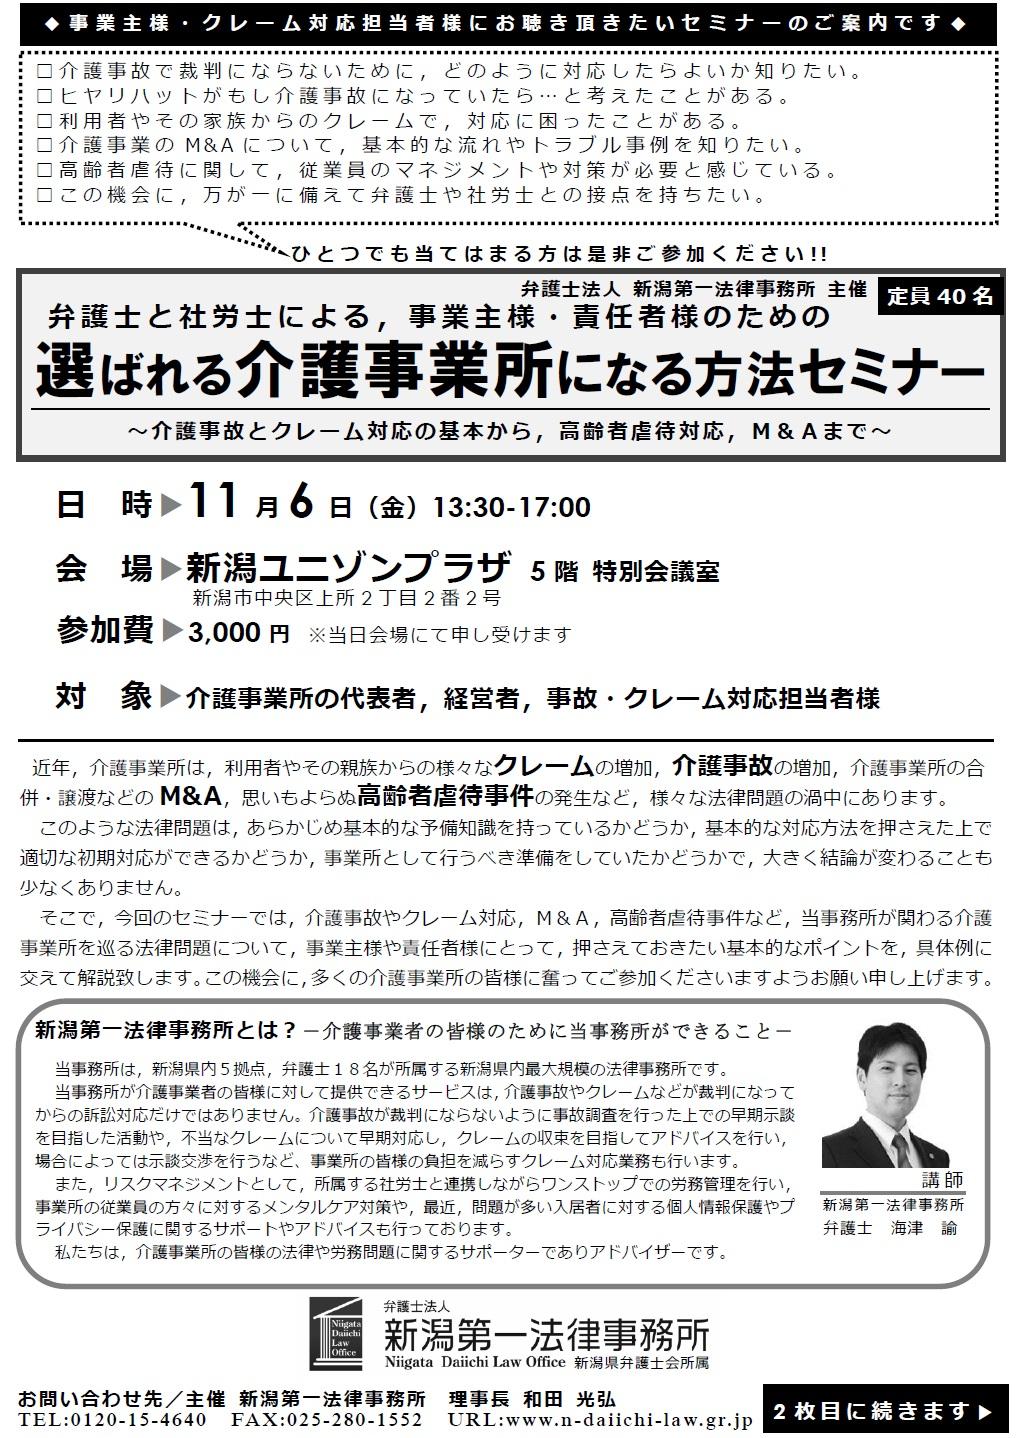 新潟第一法律事務所セミナー